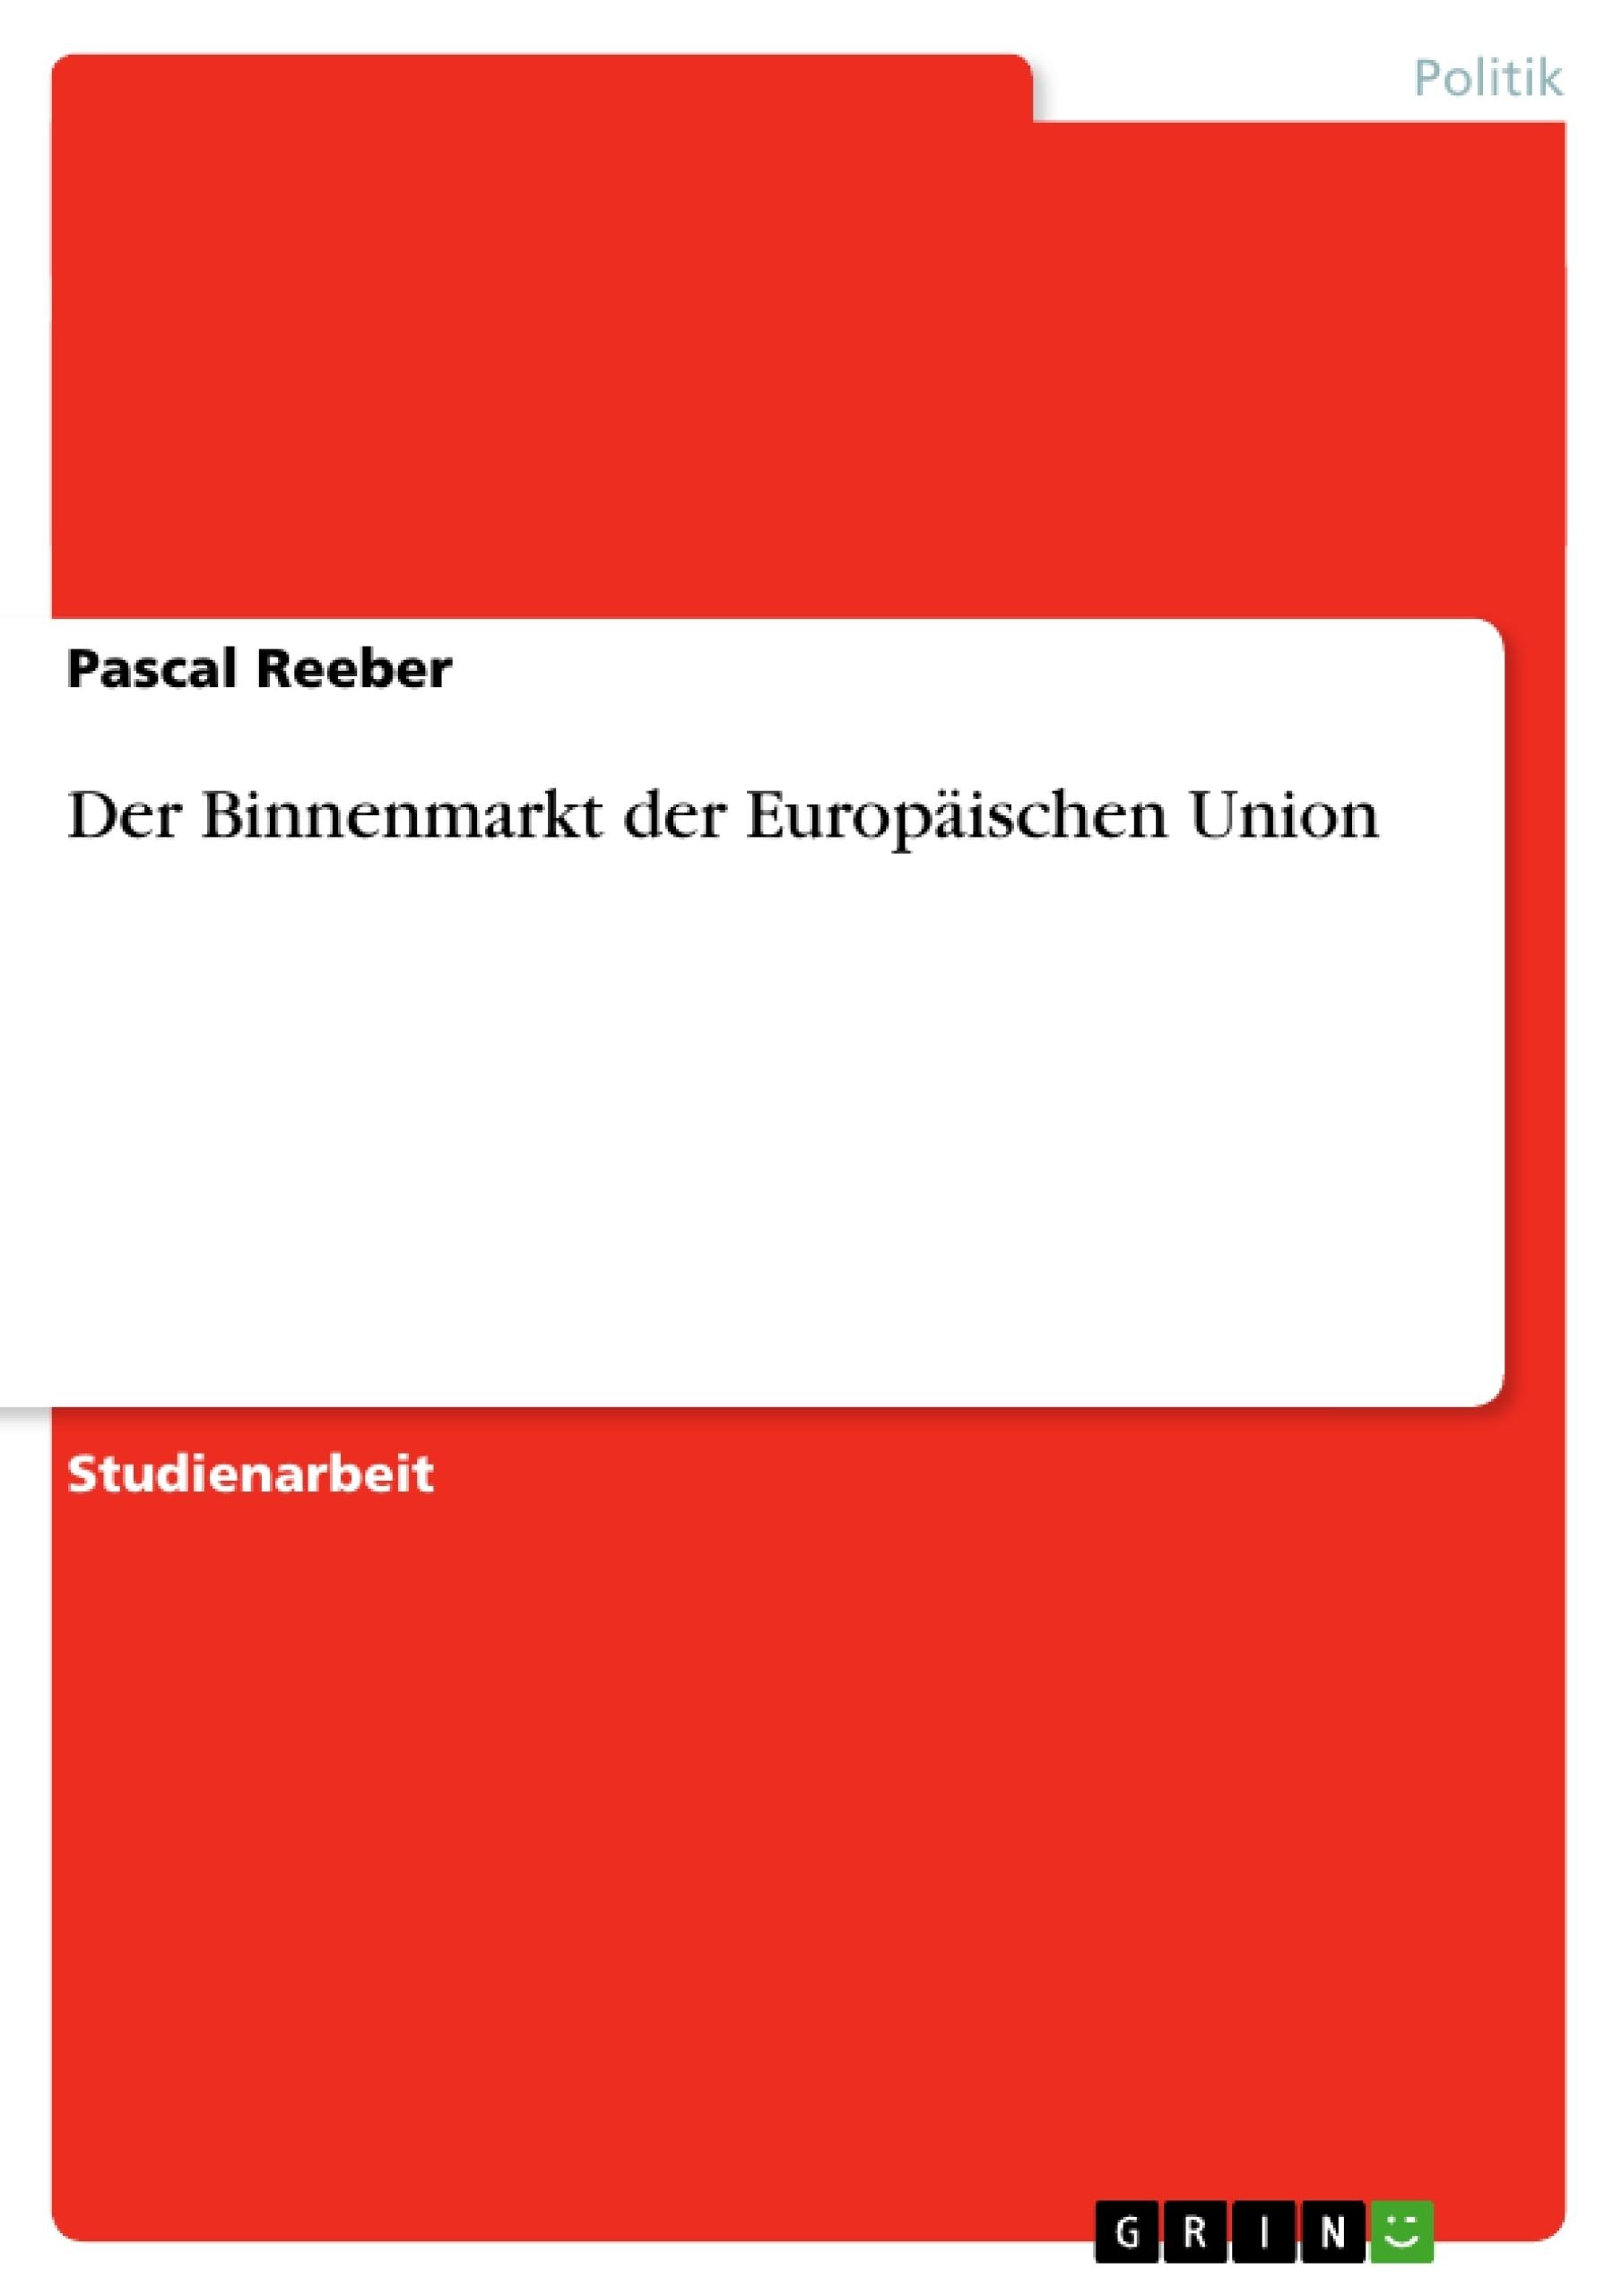 Titel: Der Binnenmarkt der Europäischen Union